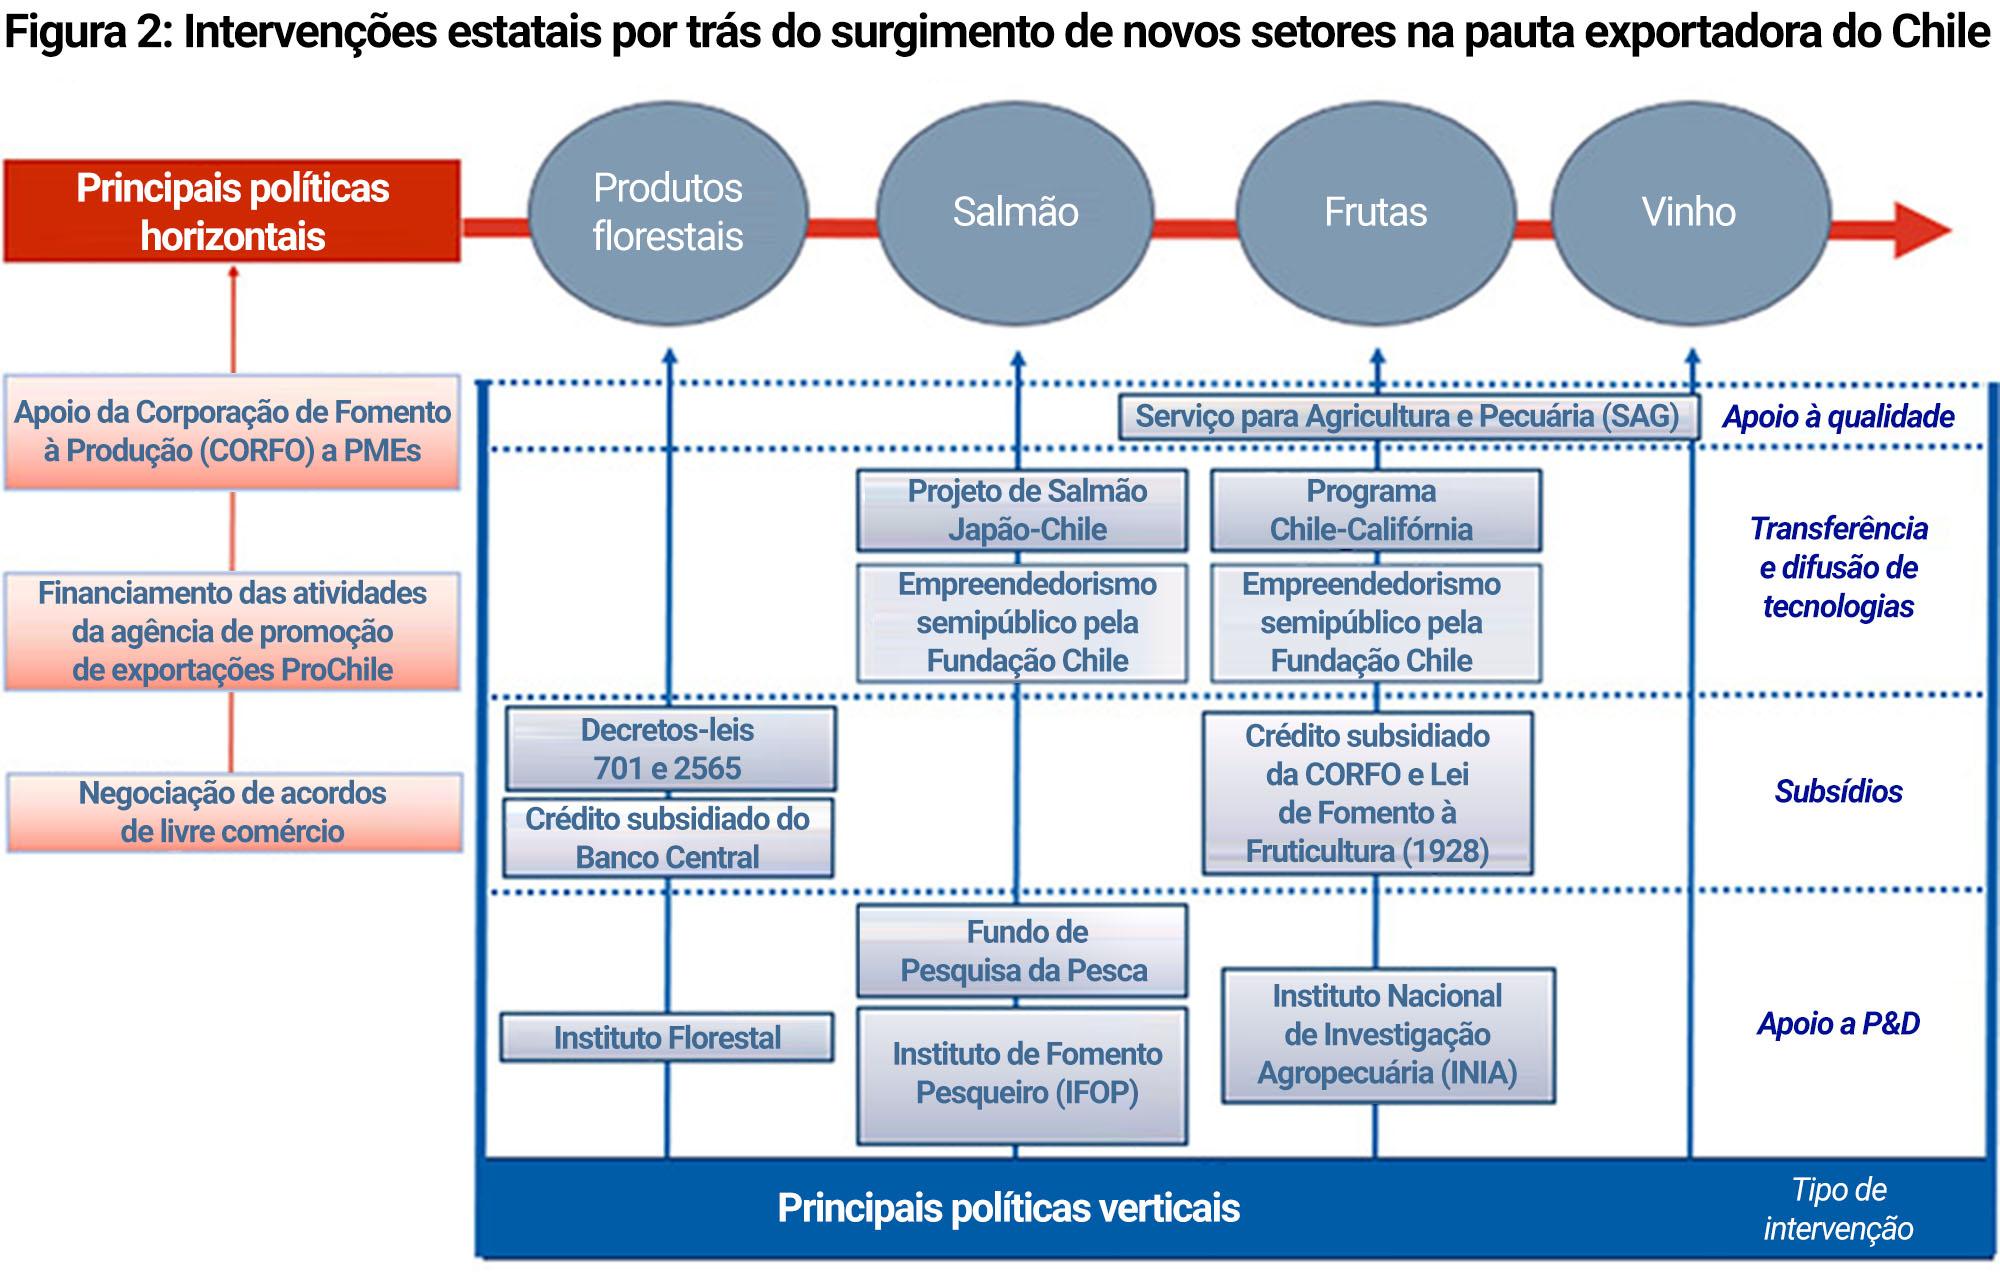 Intervenções estatais por trás do surgimento de novos setores na pauta exportadora do Chile